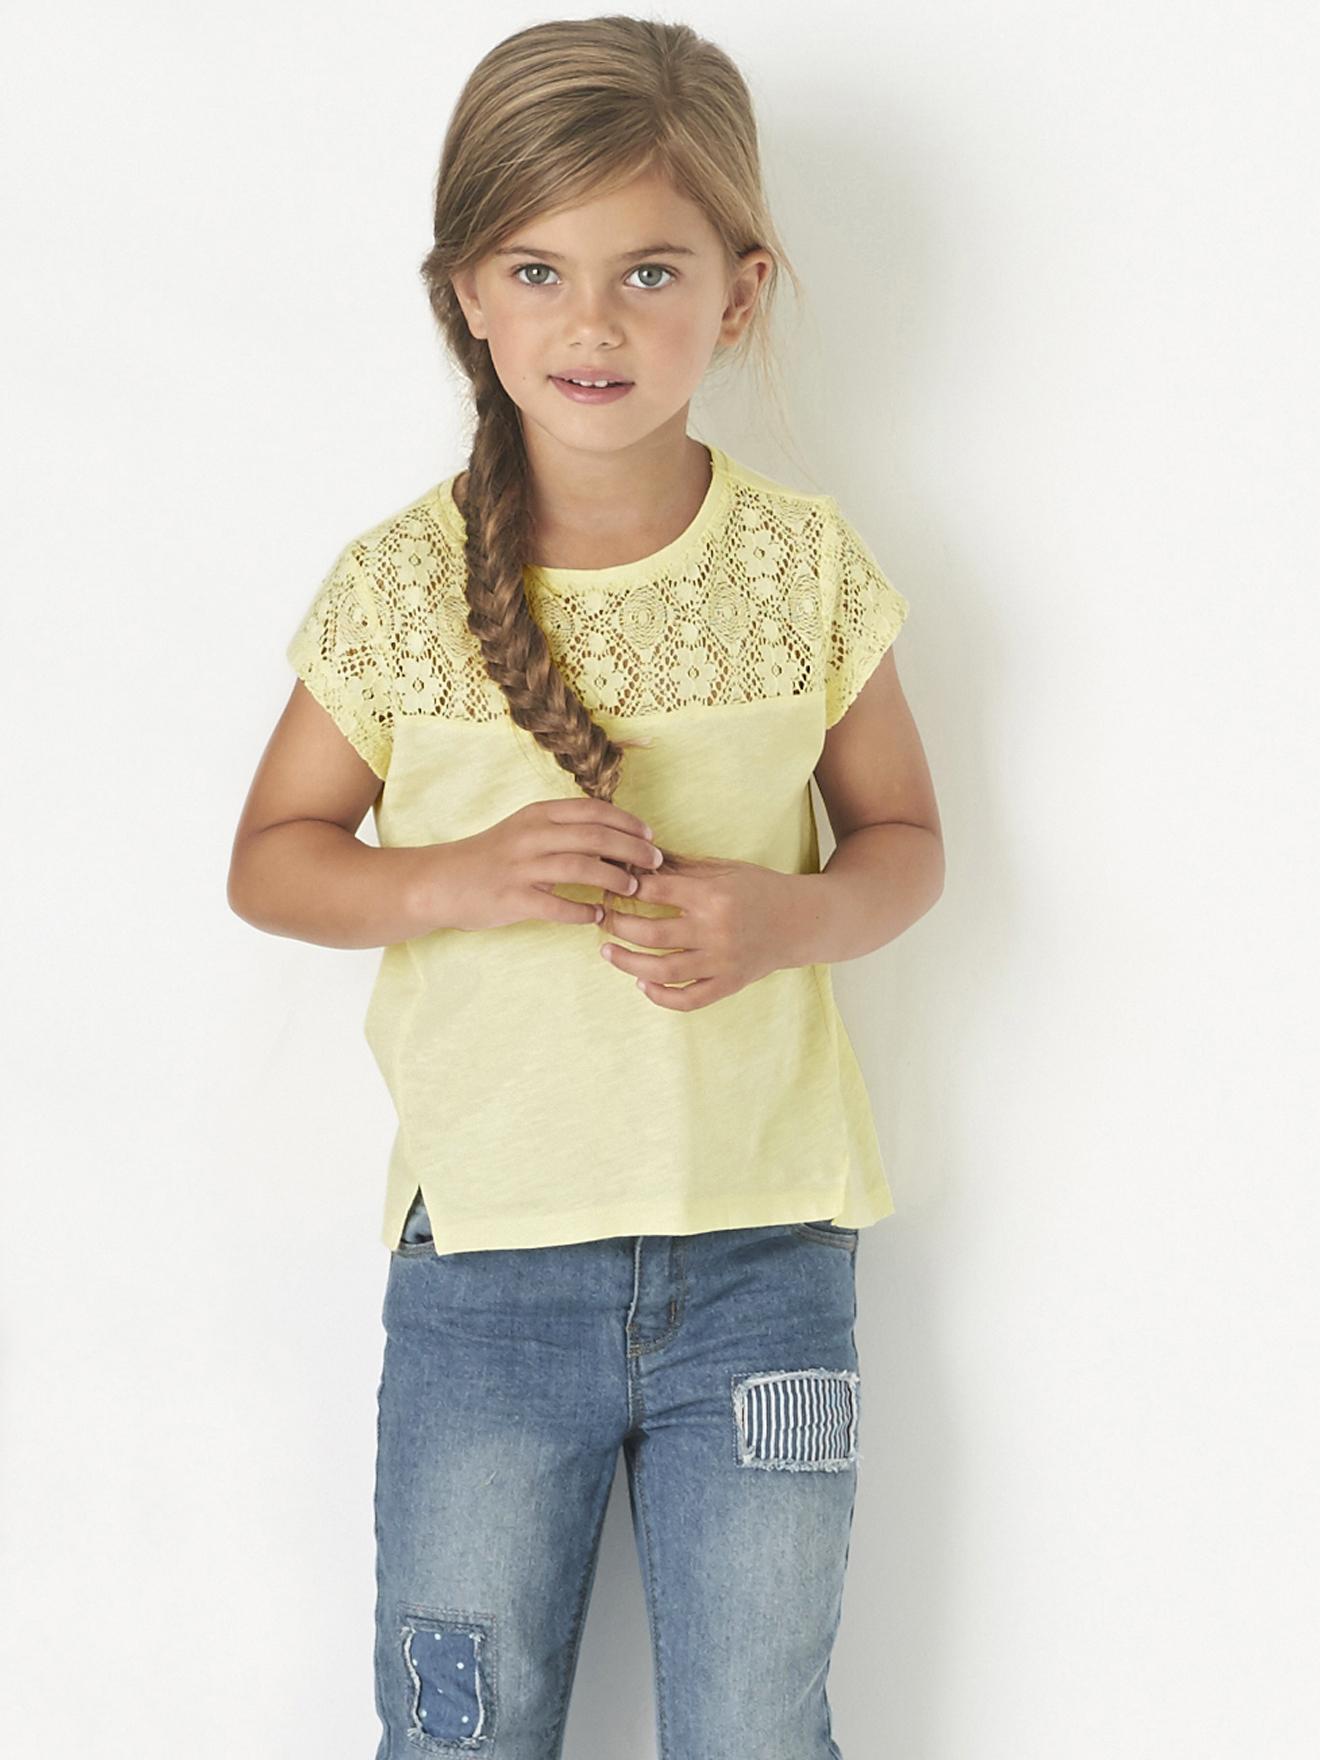 T-Shirt für Jungs oder Mädchen im Flash-Sale bei [vertbaudet]